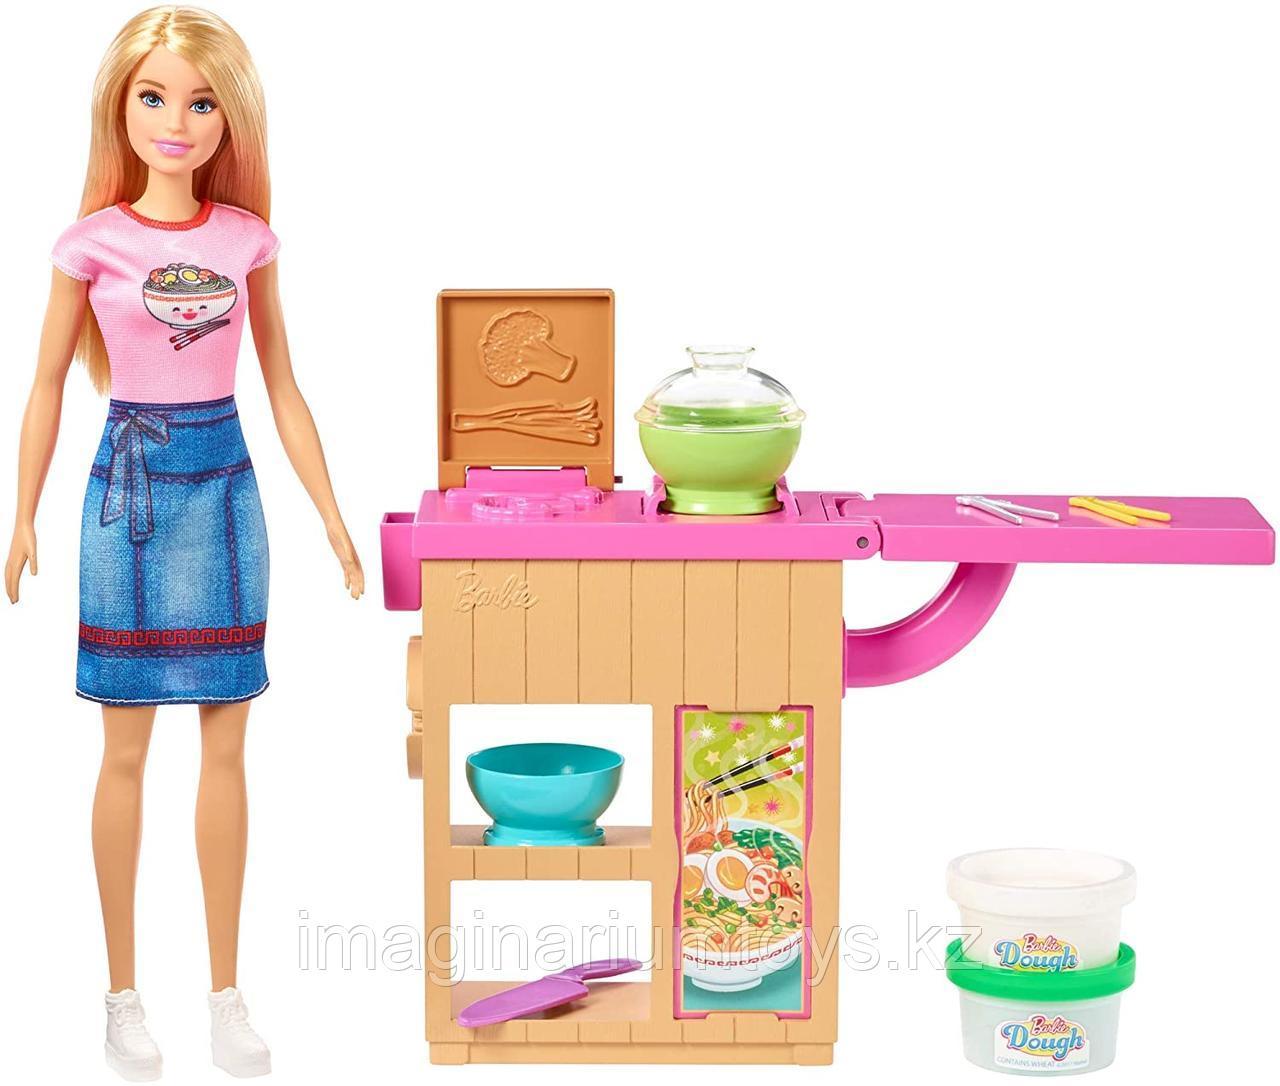 Игровой набор Barbie Барби Повар. Приготовление лапши